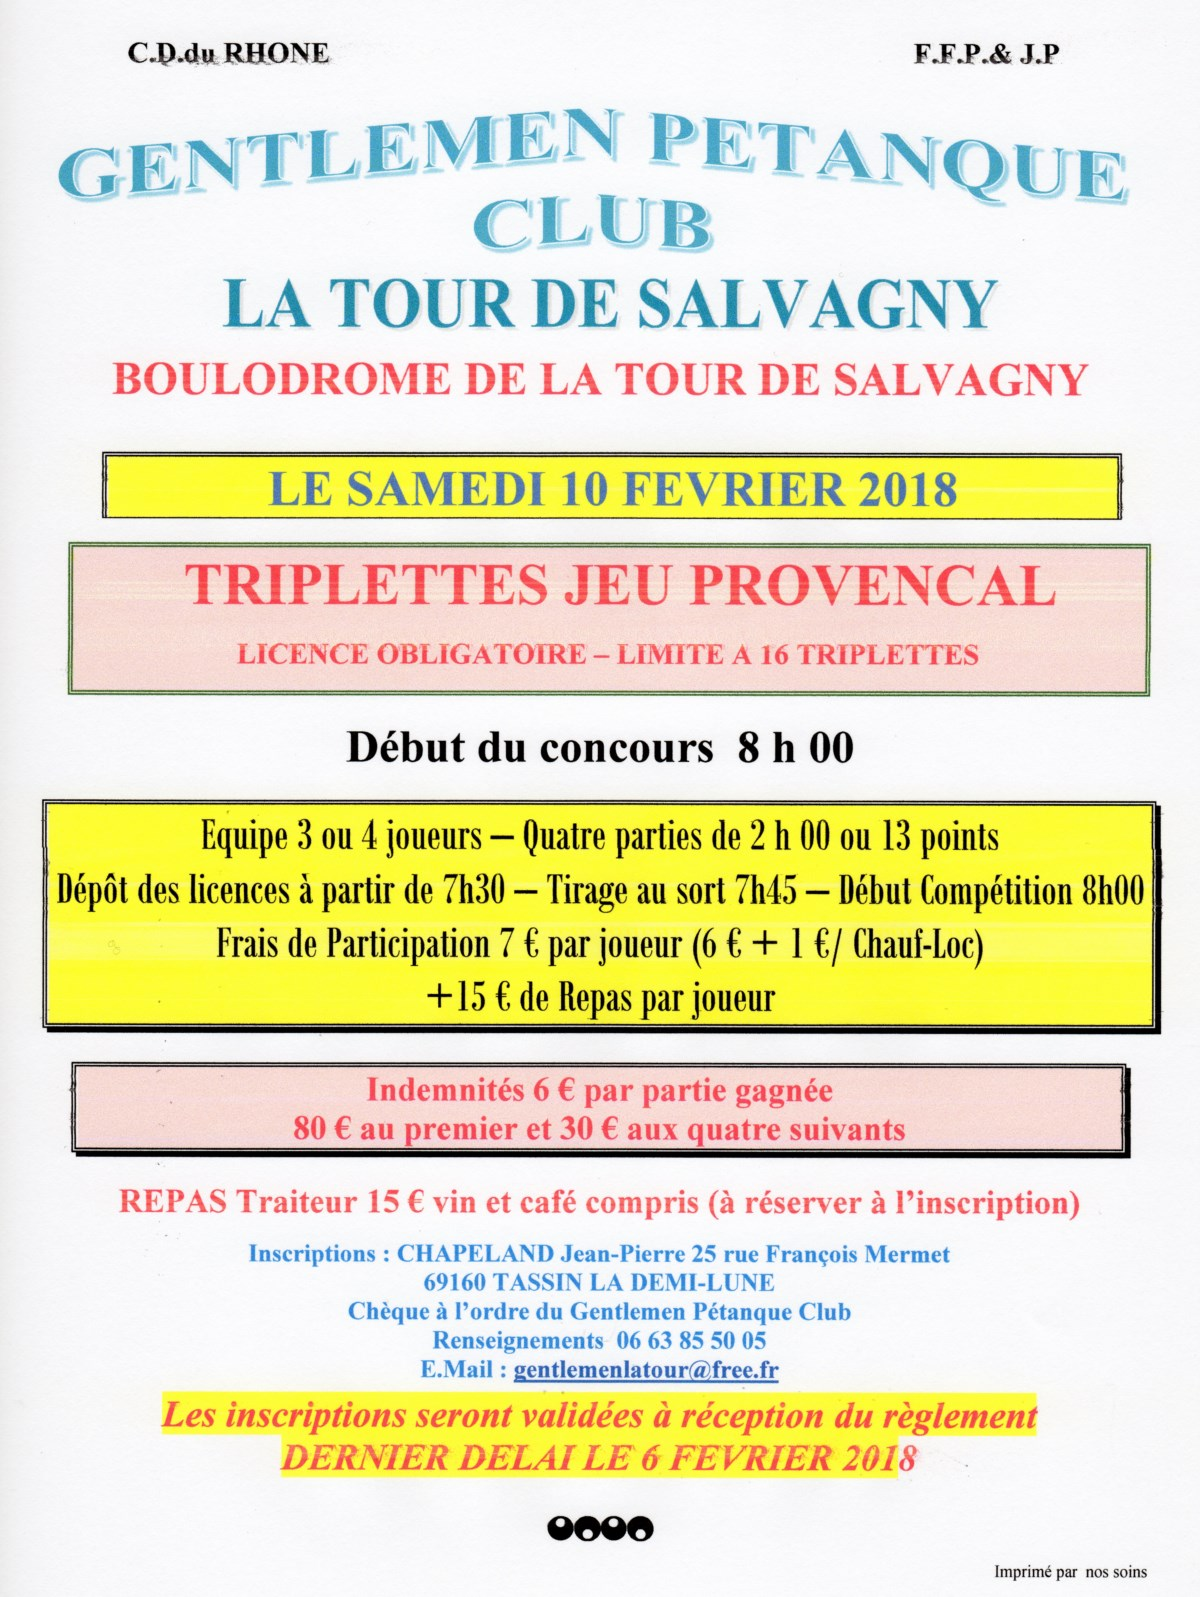 Concours samedi 10 février 2018 triplette provençal la Tour de salvagny